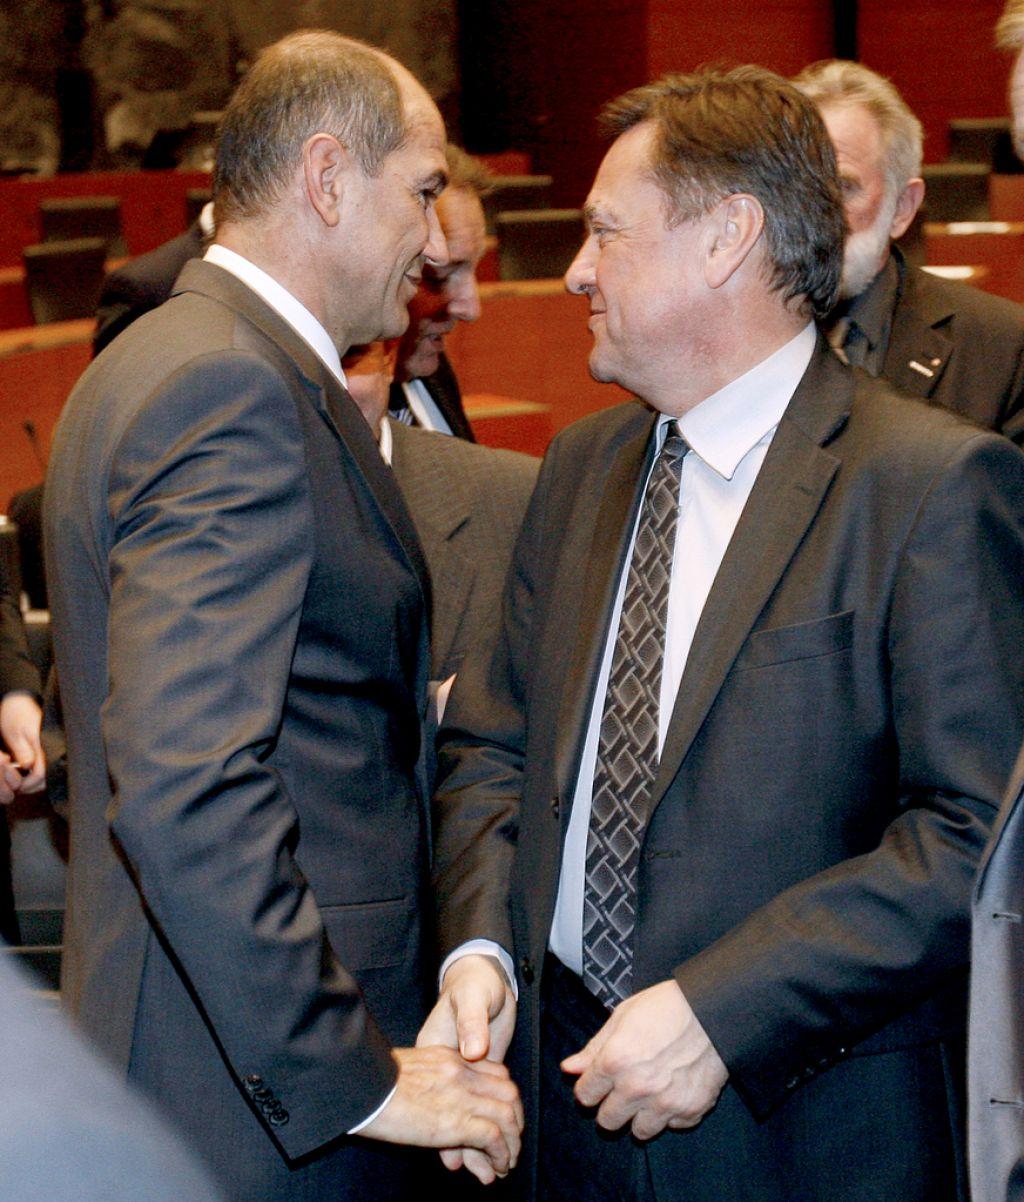 Neuspešni v tožbi za 58 milijonov evrov